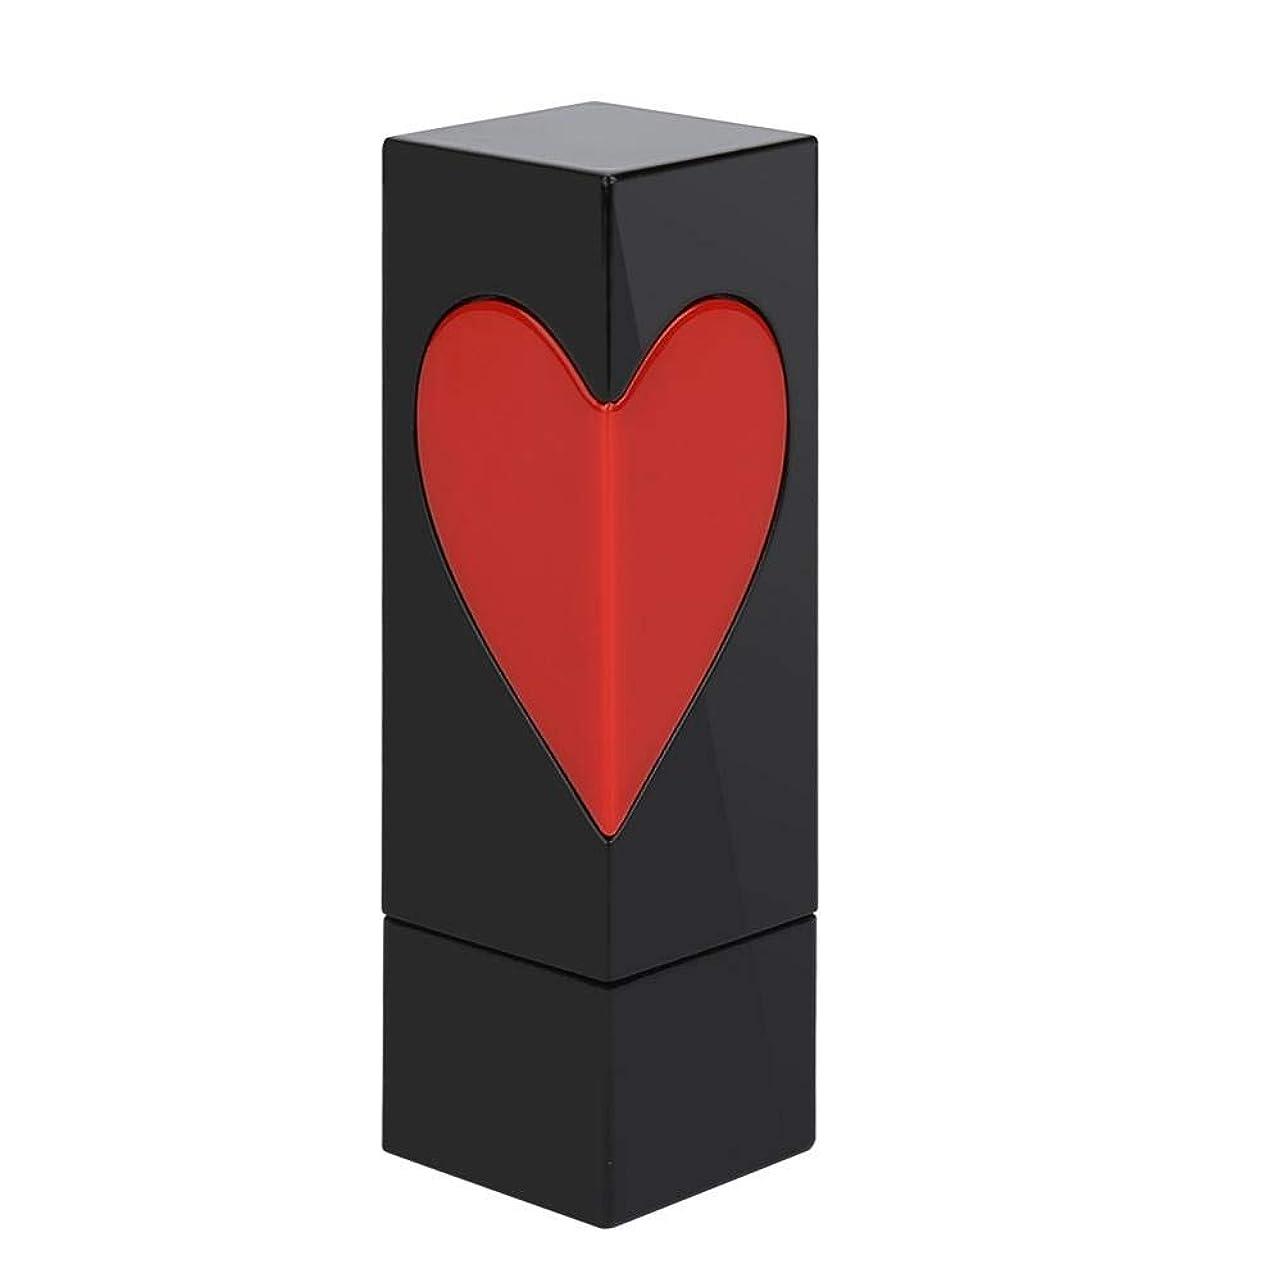 マーティフィールディング侵略着飾る空口紅チューブ、かわいい 手作りリップスティックコンテナ 美しい外観 プラスチック製 口紅チューブ用 DIY用 2スタイル選べる(1枚)